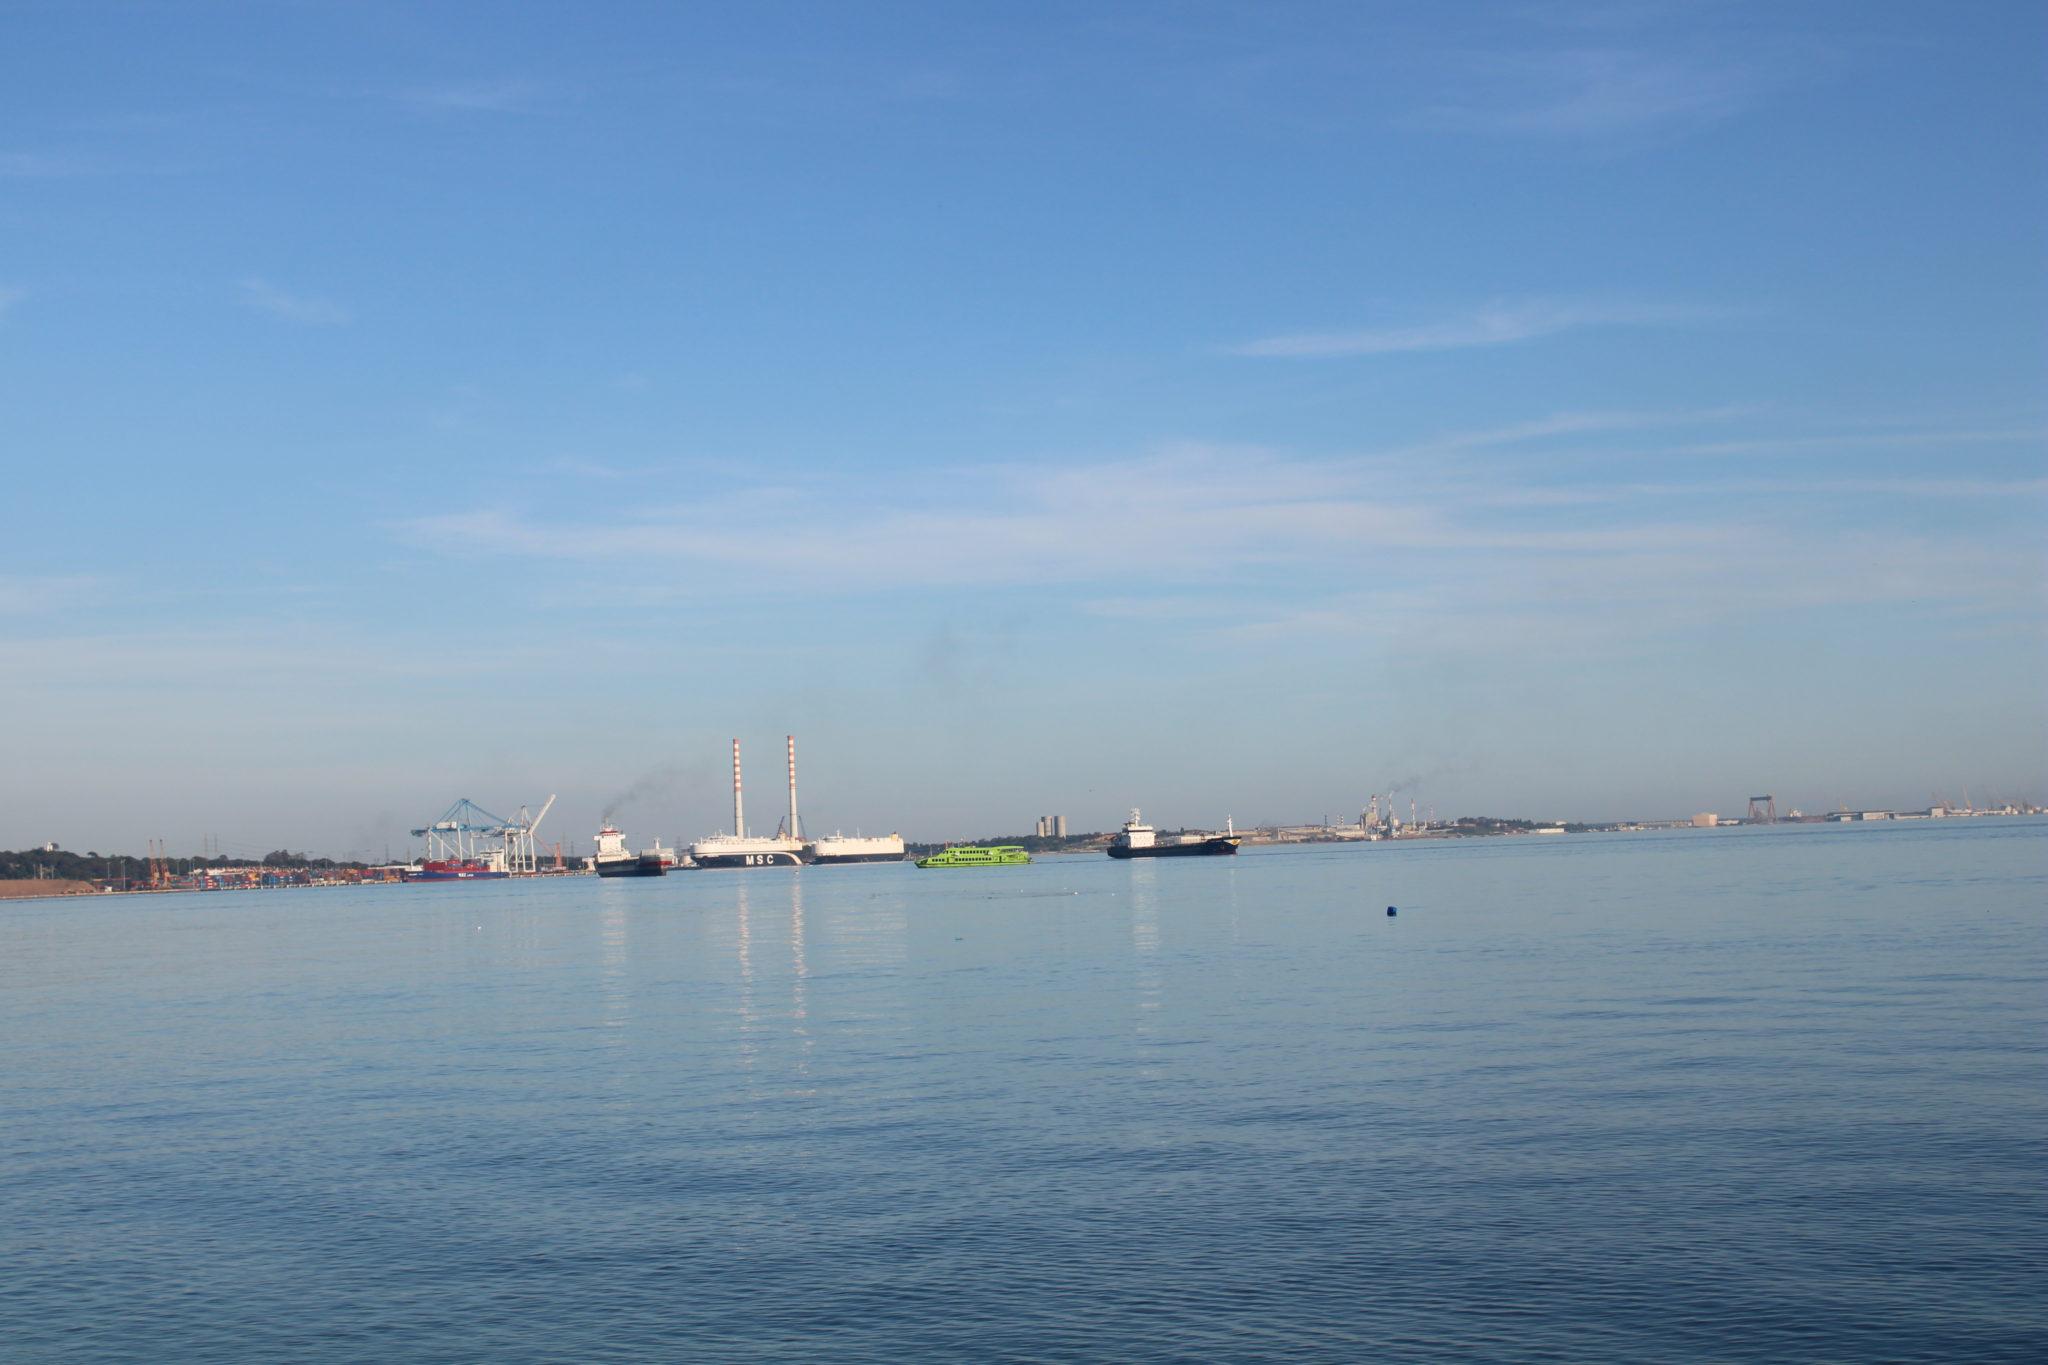 Vista do porto de Setúbal